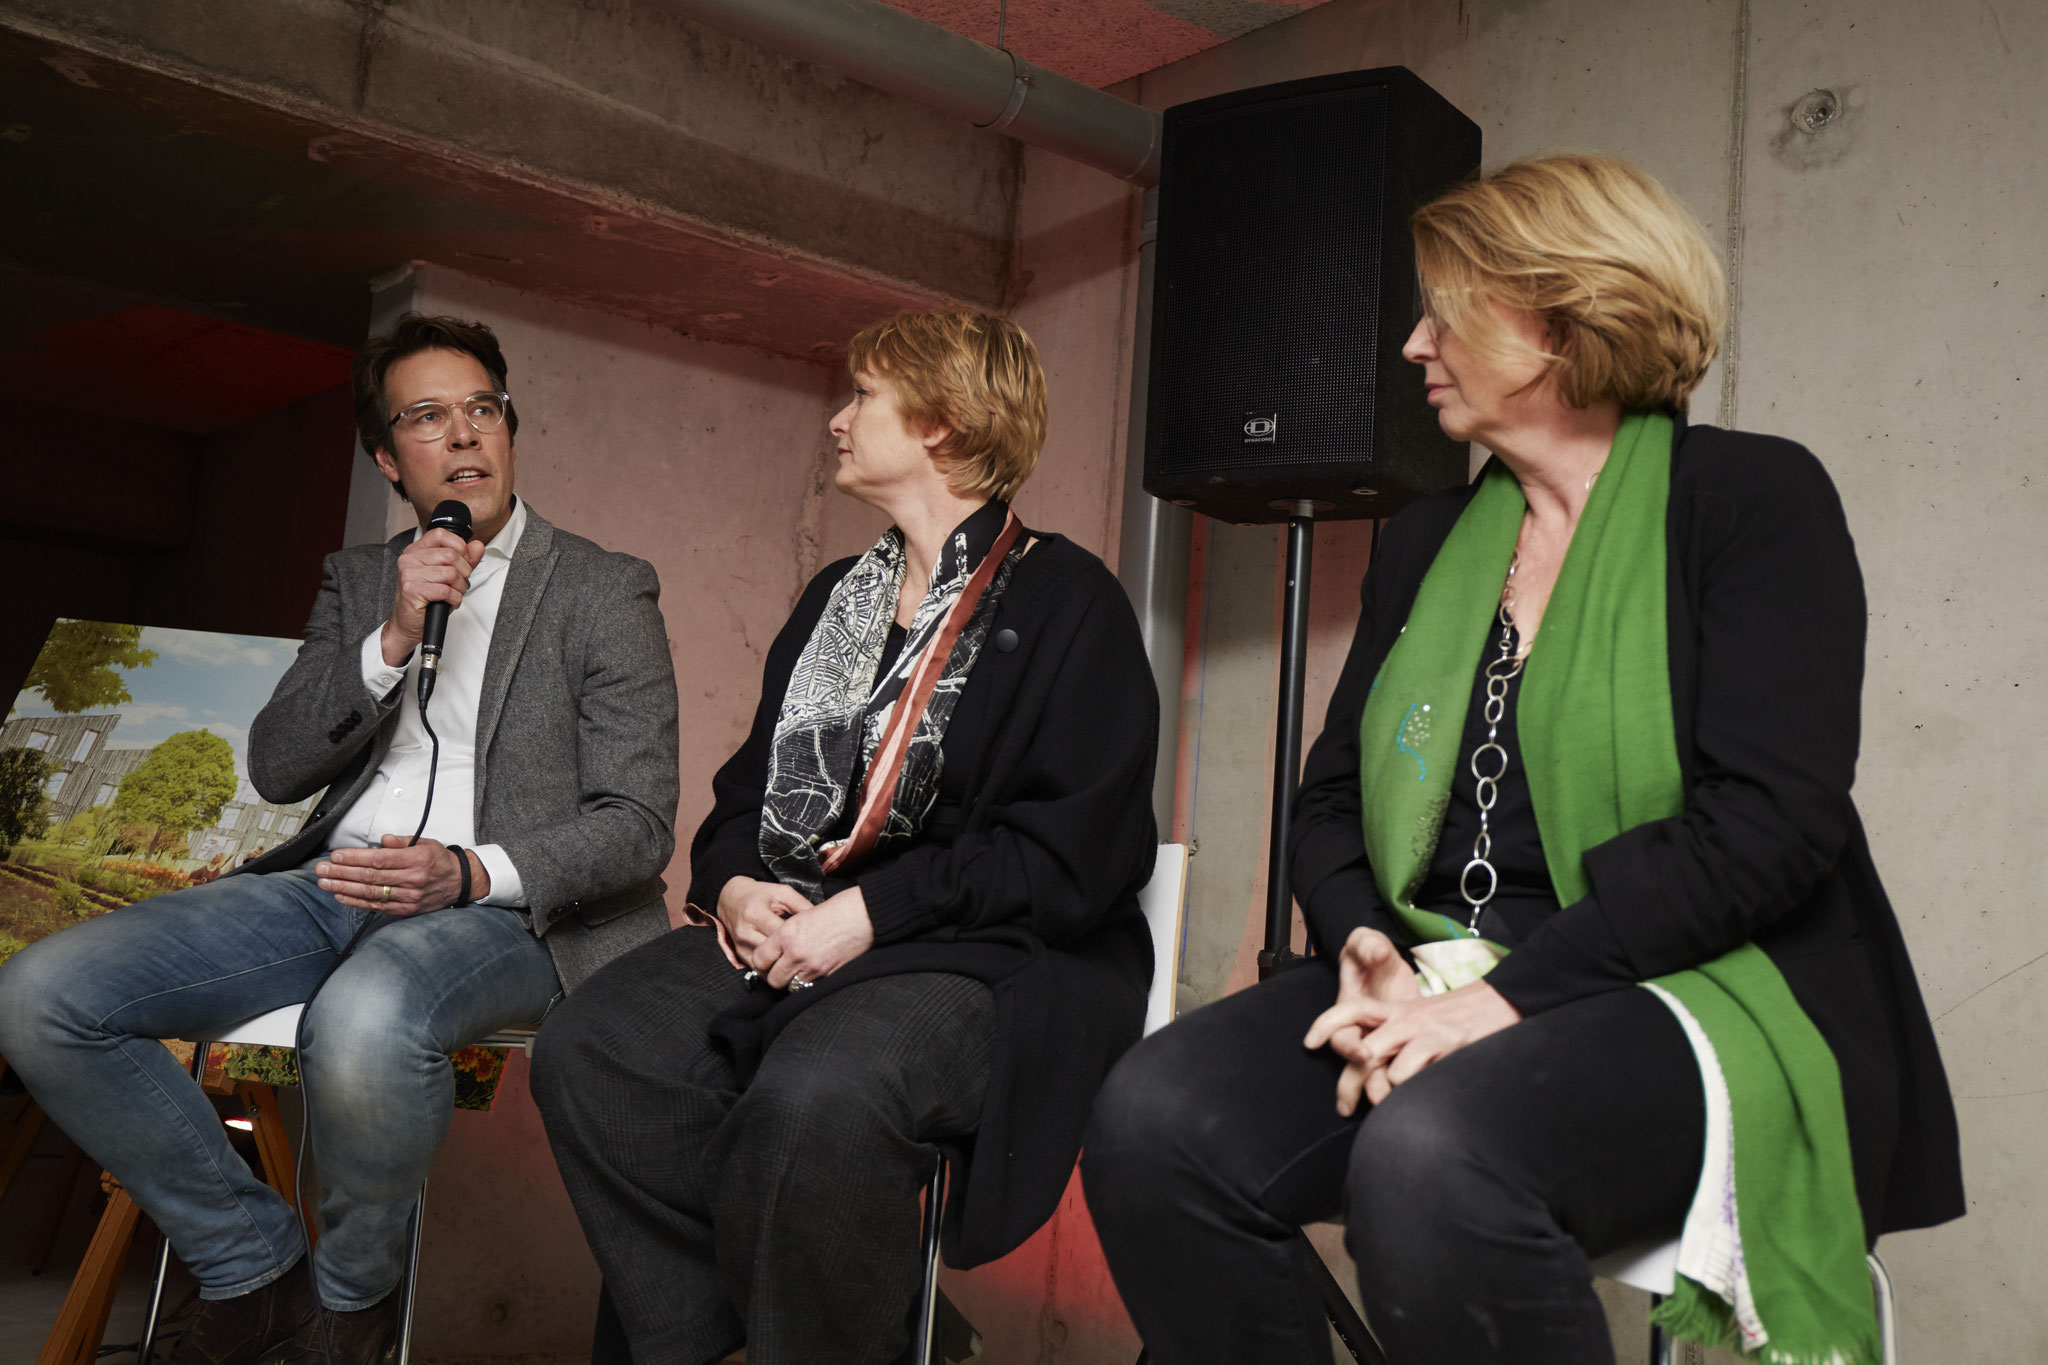 Panelgesprek met Michiel Kint, Loes Oudenaarde en Marianne Loof.